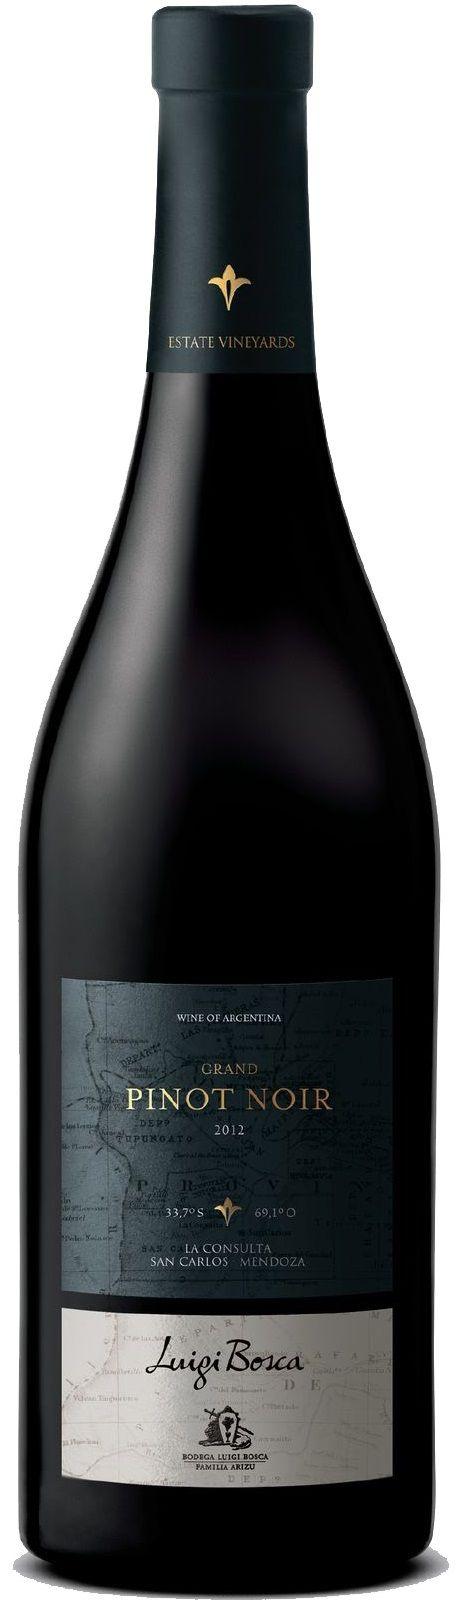 """""""Luigi Bosca Grand Pinot Noir"""" 2012 / 2013 / 2014 - Bodega Luigi Bosca, Luján de Cuyo, Mendoza---------- Terroir: La Consulta (San Carlos) - Mendoza------------------------------ Crianza: El 50% del vino se cría de 6 a 8 meses en barricas de segundo uso"""